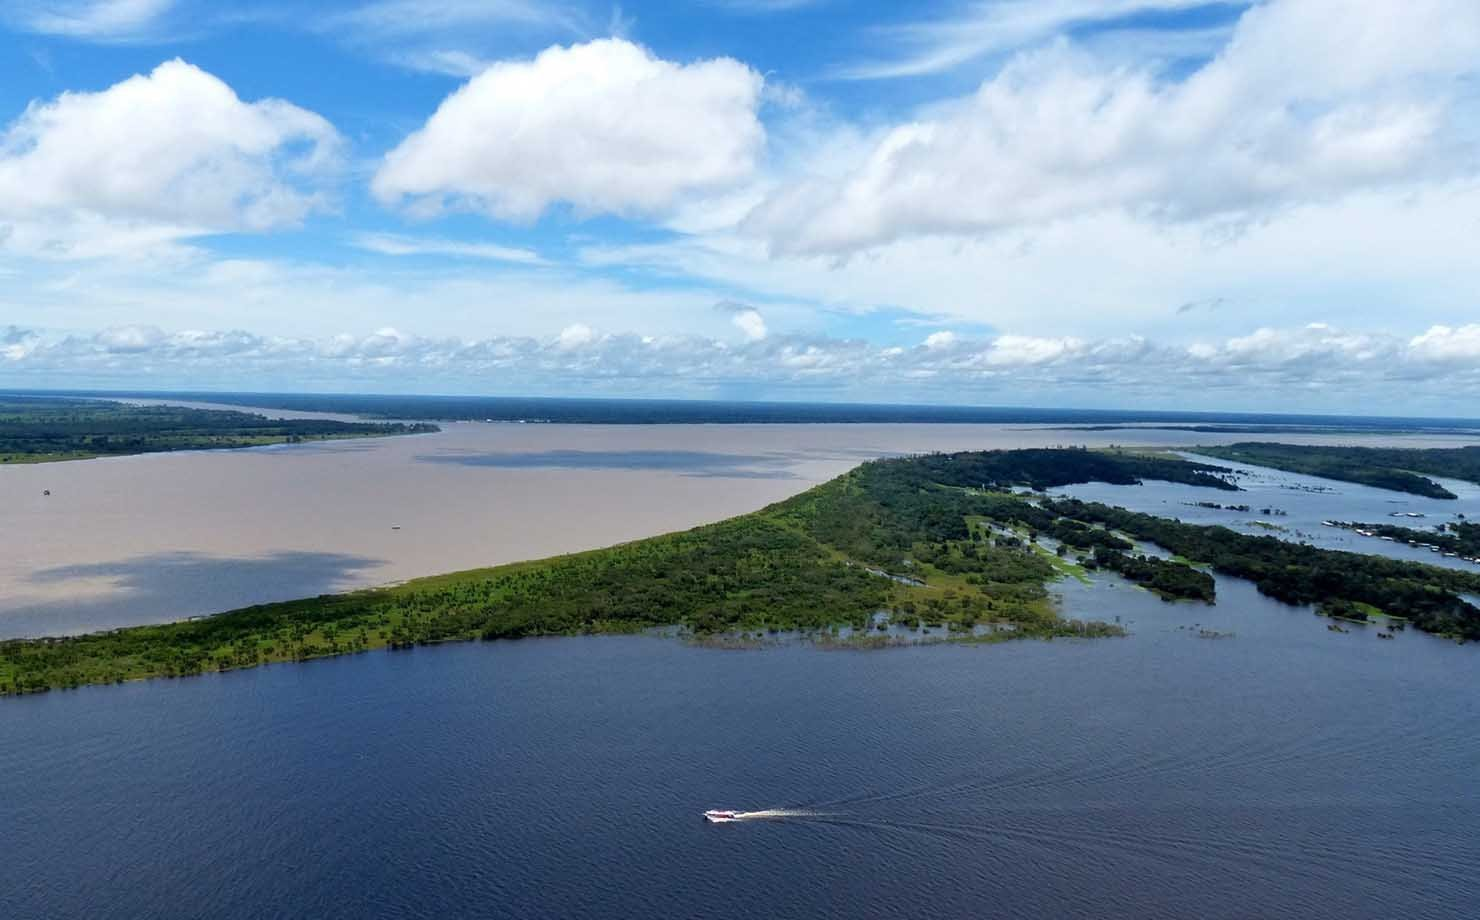 Encontro das águas do Rio Negro, em Manaus